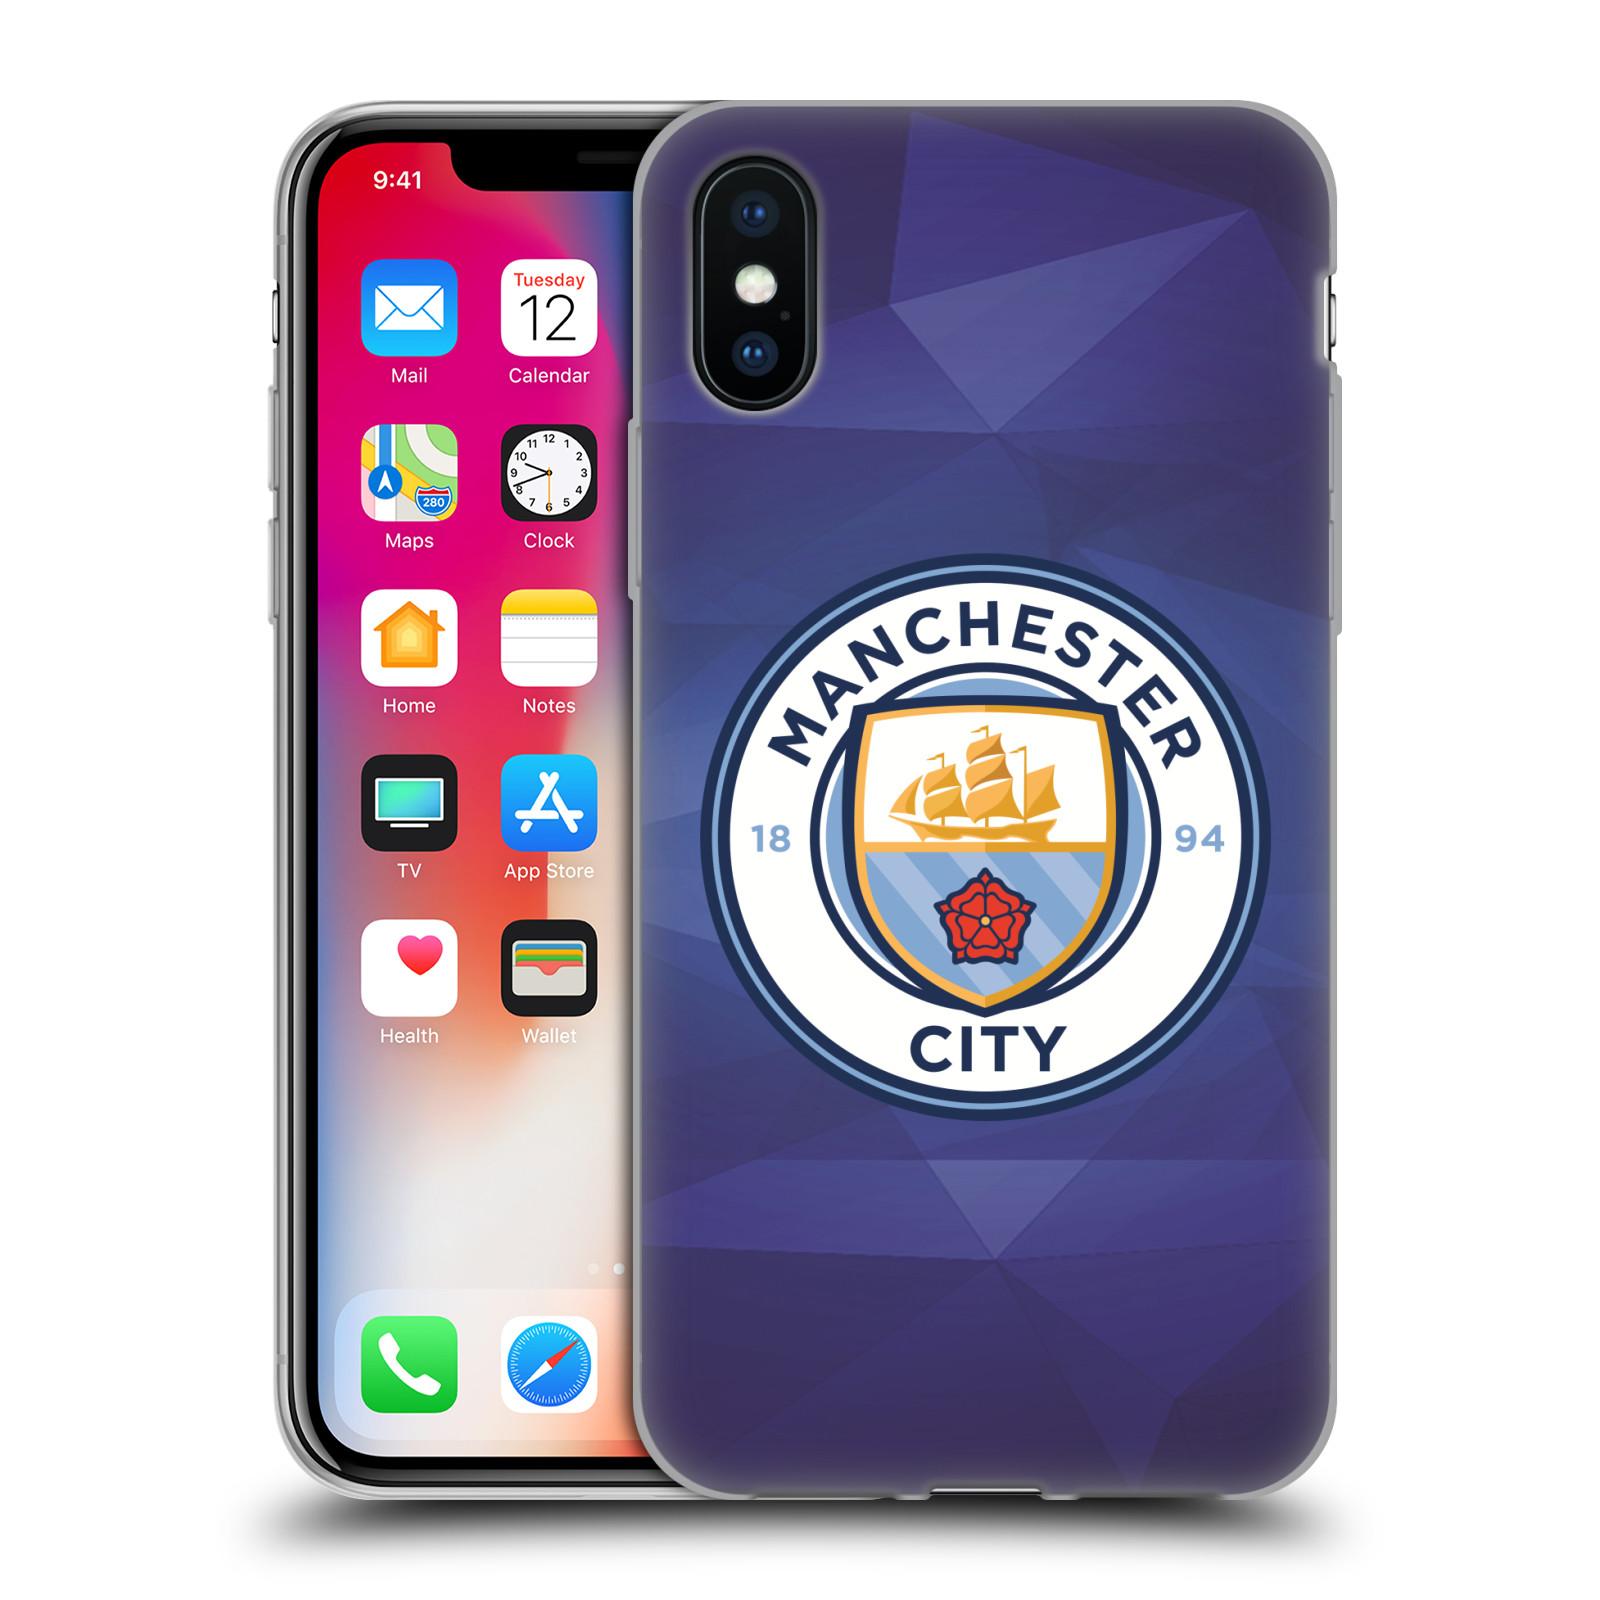 Silikonové pouzdro na mobil Apple iPhone XS - Head Case - Manchester City FC - Modré nové logo